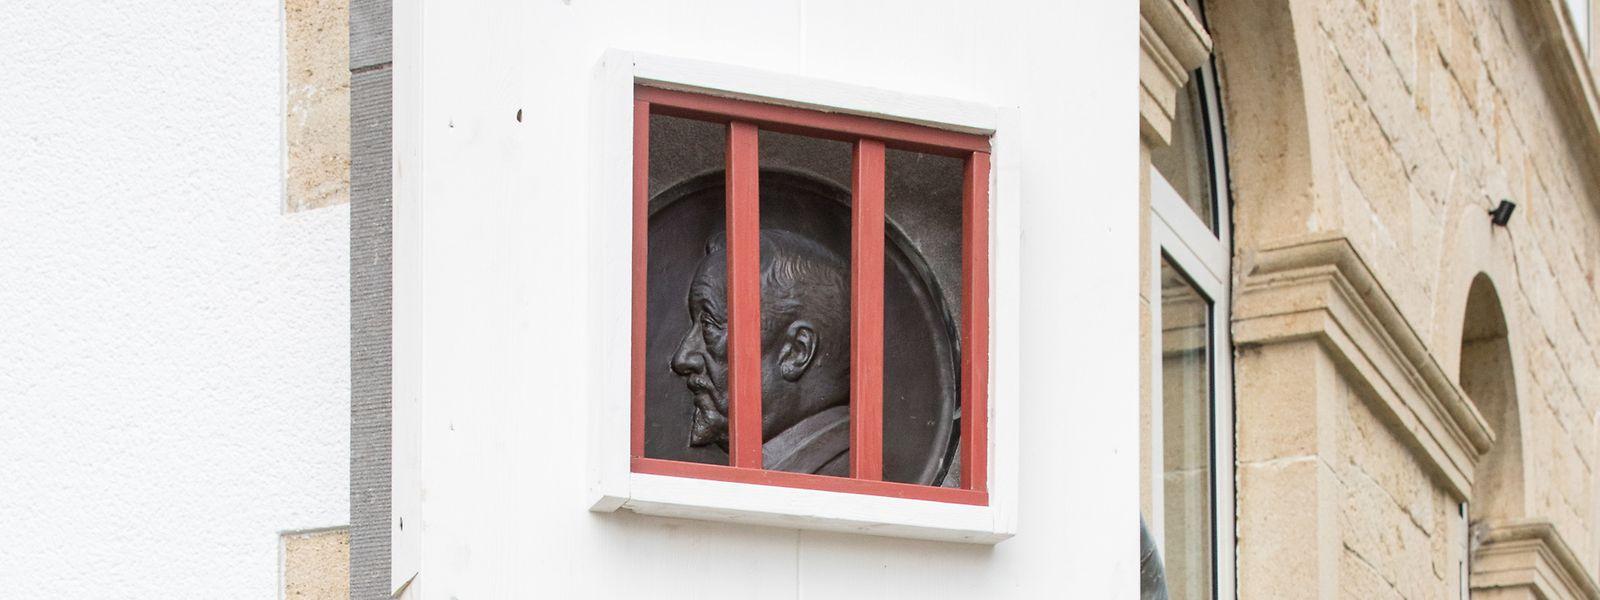 Nicolas Cito wurde vom Künstlerkollektiv Richtung 22 symbolisch hinter Gitter gesetzt.